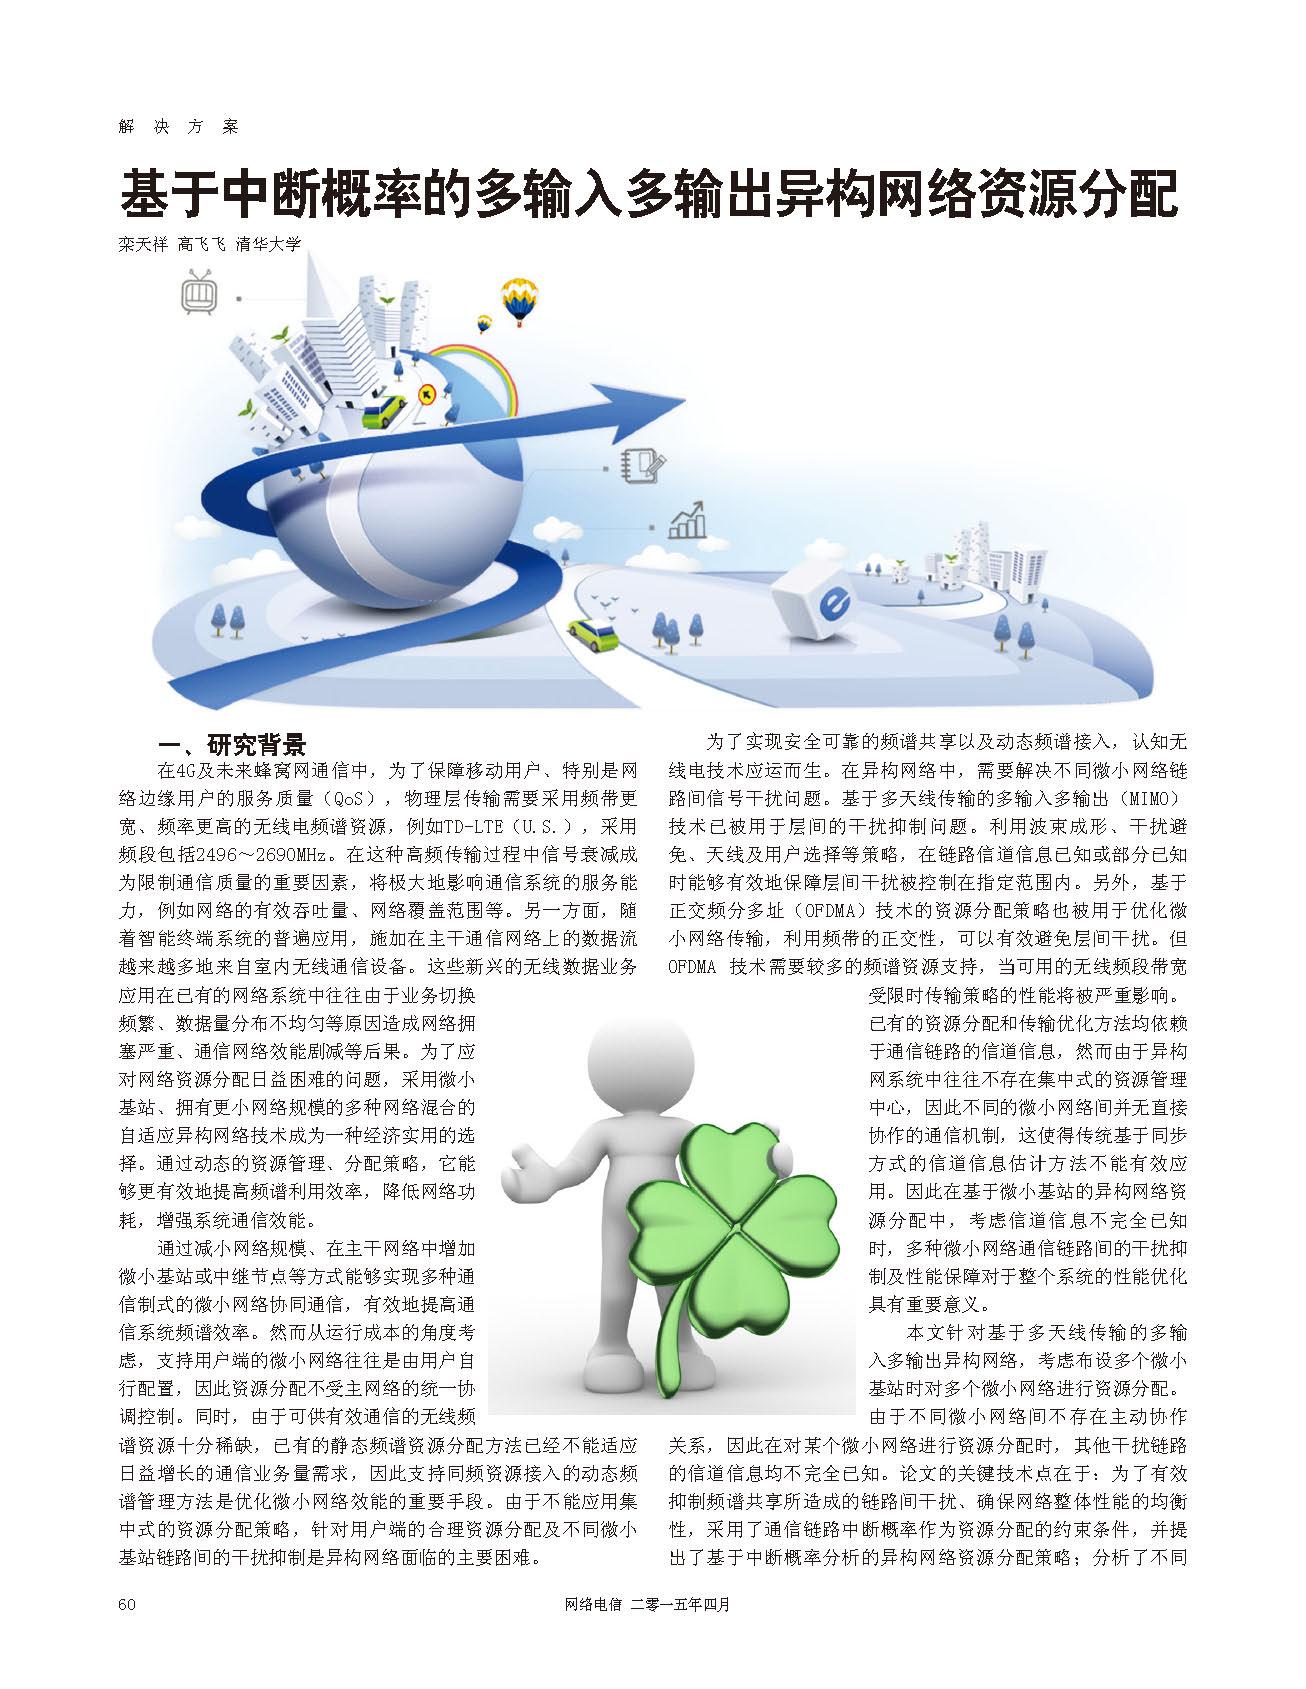 电信2015-04_页面_60.jpg